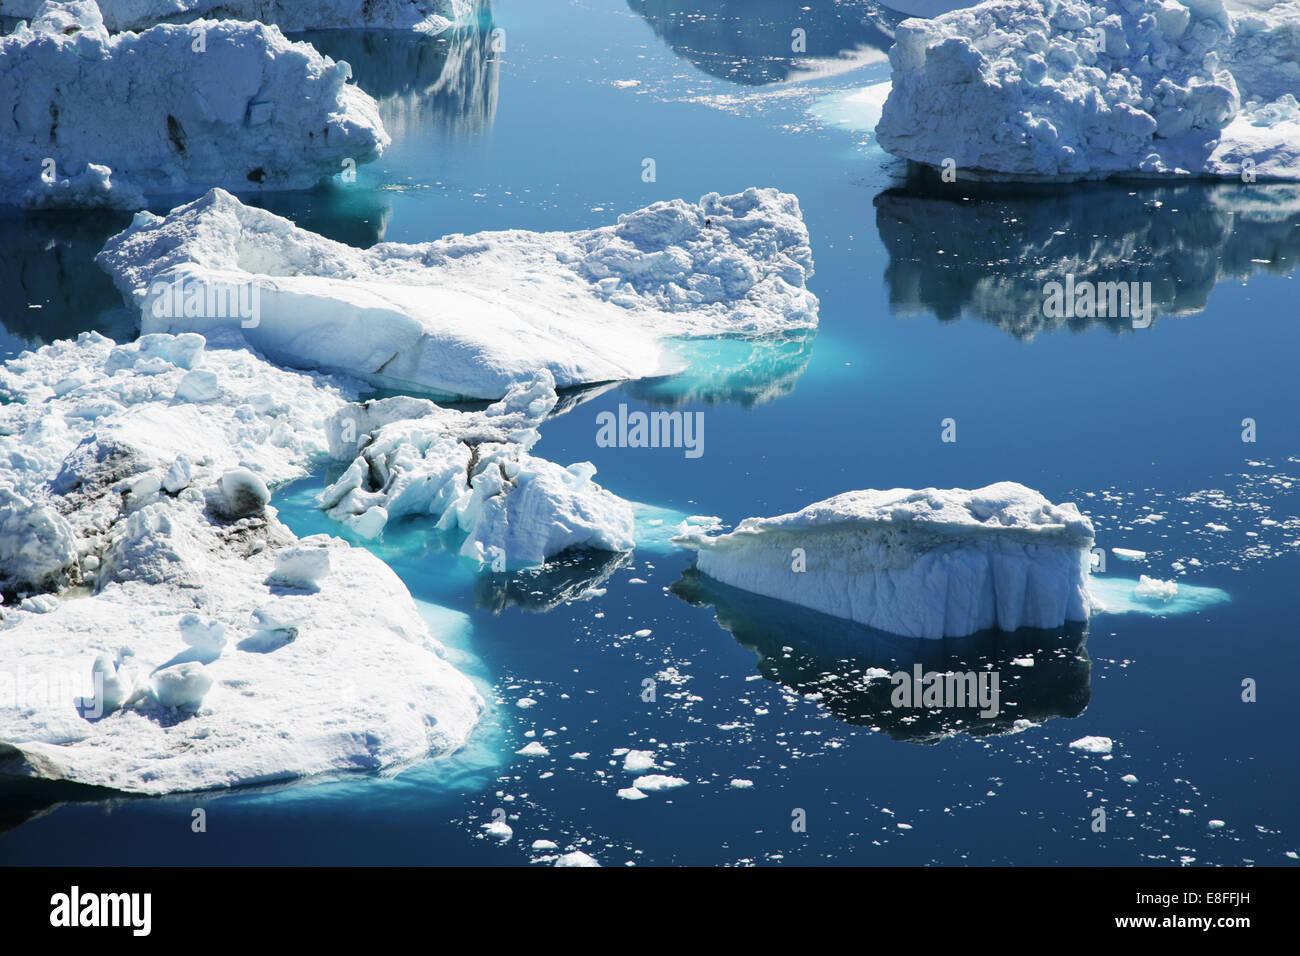 Gros plan des icebergs dans la baie de Disko, Ilulissat, Groenland Banque D'Images